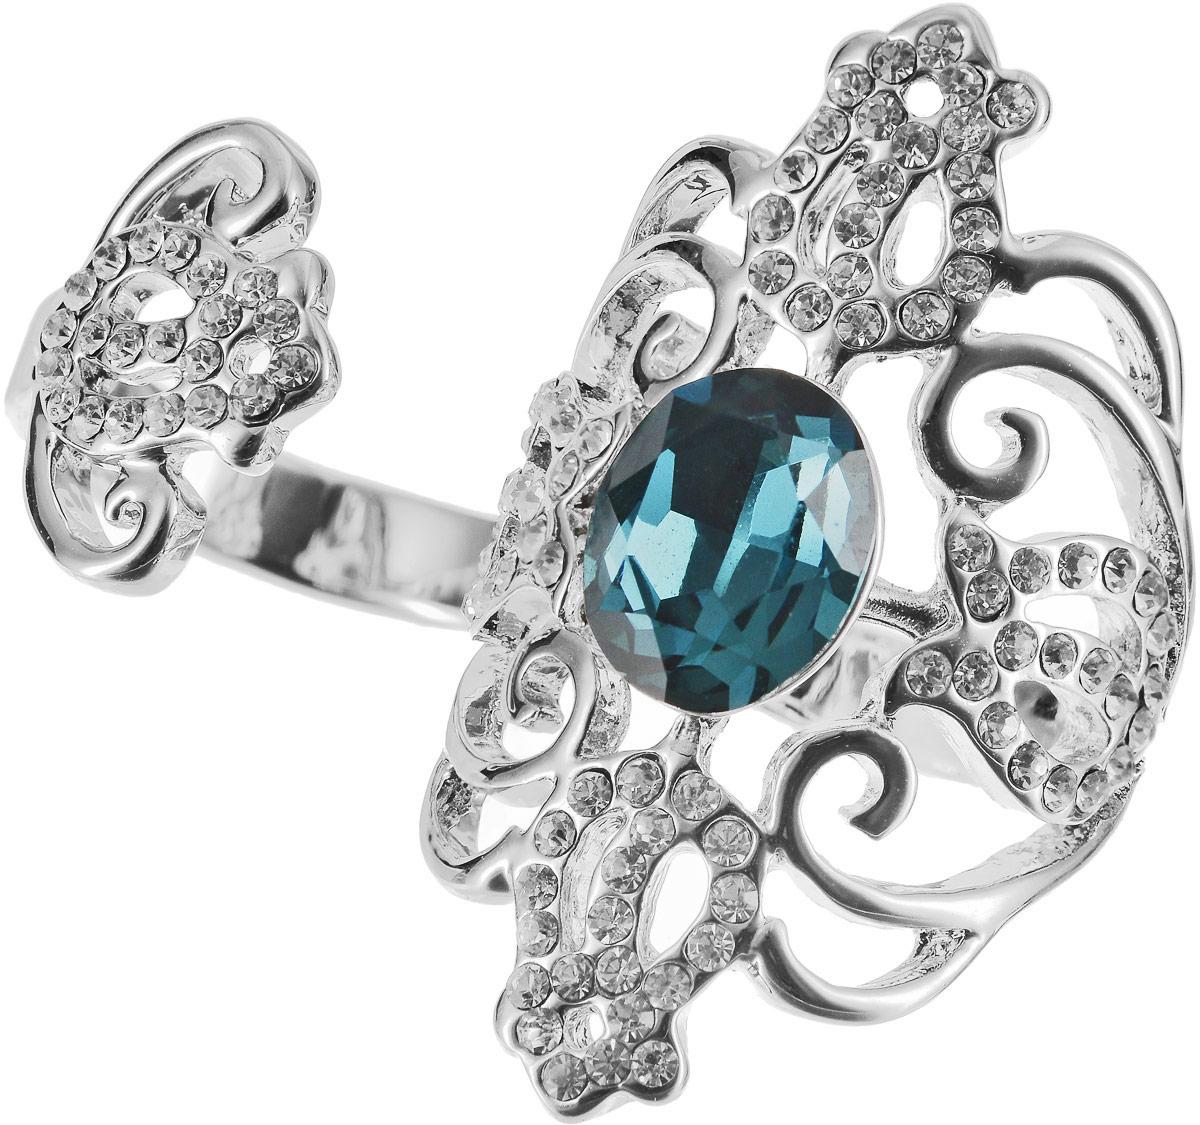 Кольцо на два пальца Art-Silver, цвет: серебряный, бирюзовый. 06816-1319. Размер 17,5Коктейльное кольцоОригинальное кольцо Art-Silver выполнено из бижутерного сплава с гальваническим покрытием. Кольцо на два пальца украшено декоративными вставками.Элегантное кольцо Art-Silver превосходно дополнит ваш образ и подчеркнет отменное чувство стиля своей обладательницы.